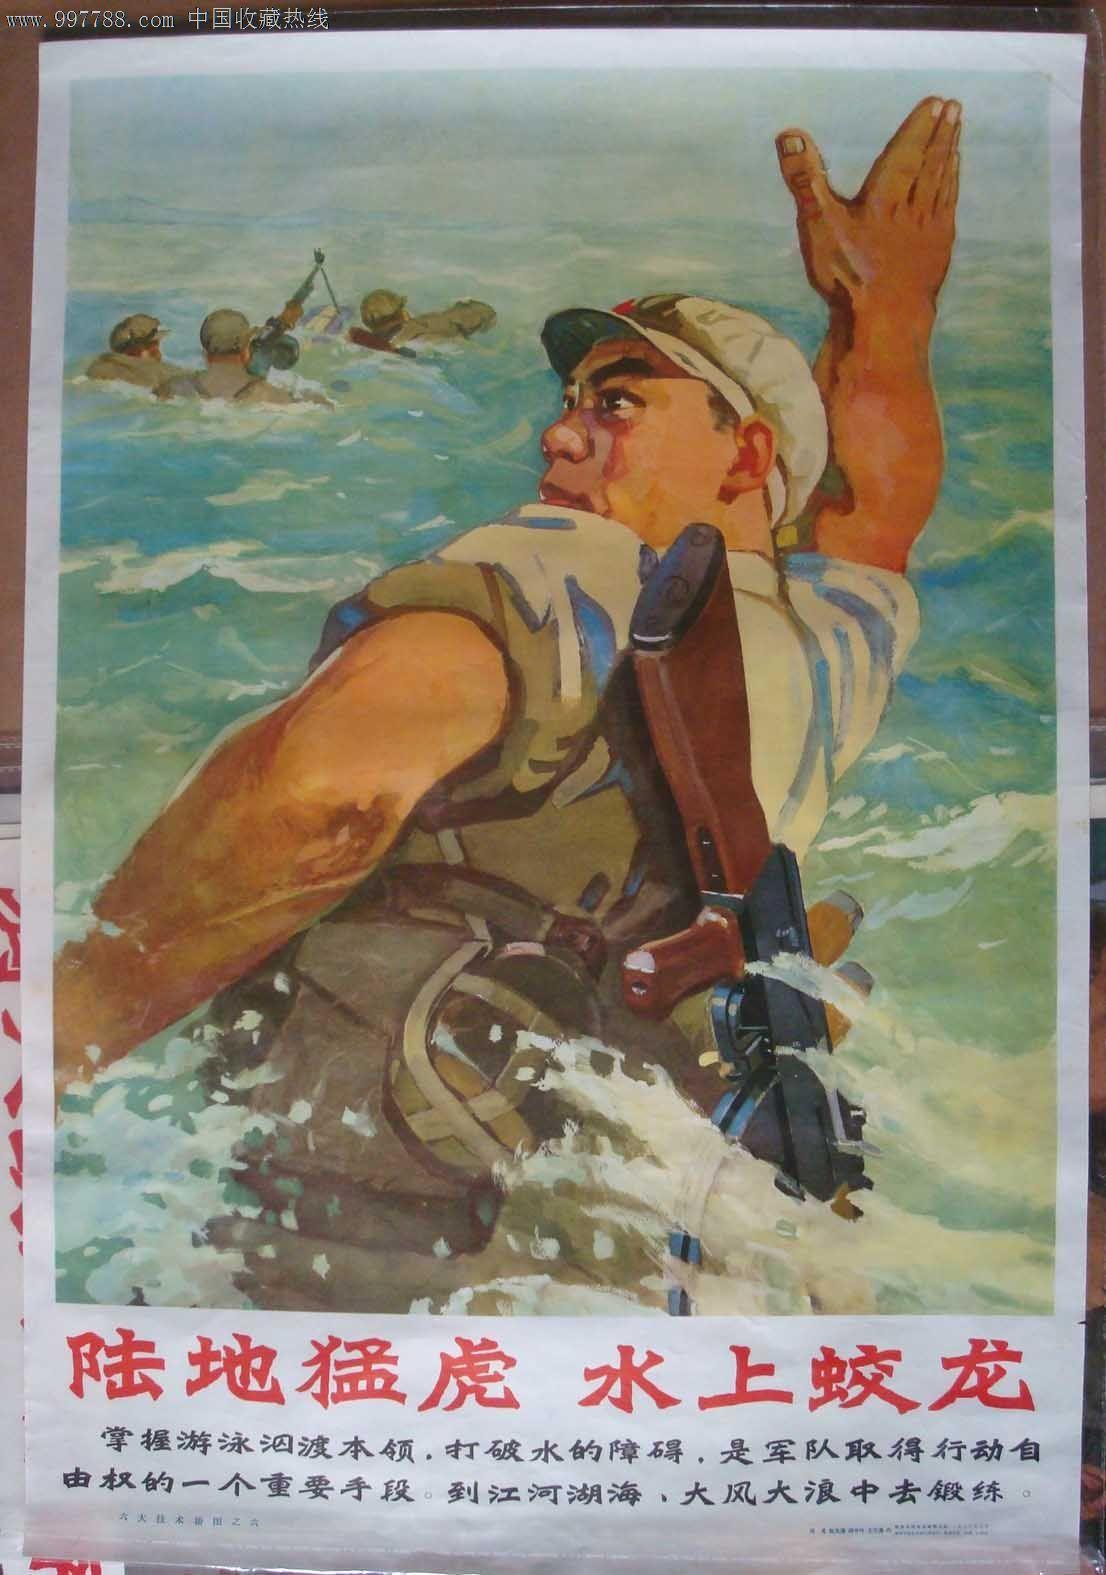 画 >> 六大解放军图,年画/宣传画,绘画稿印刷,宣传画 ...